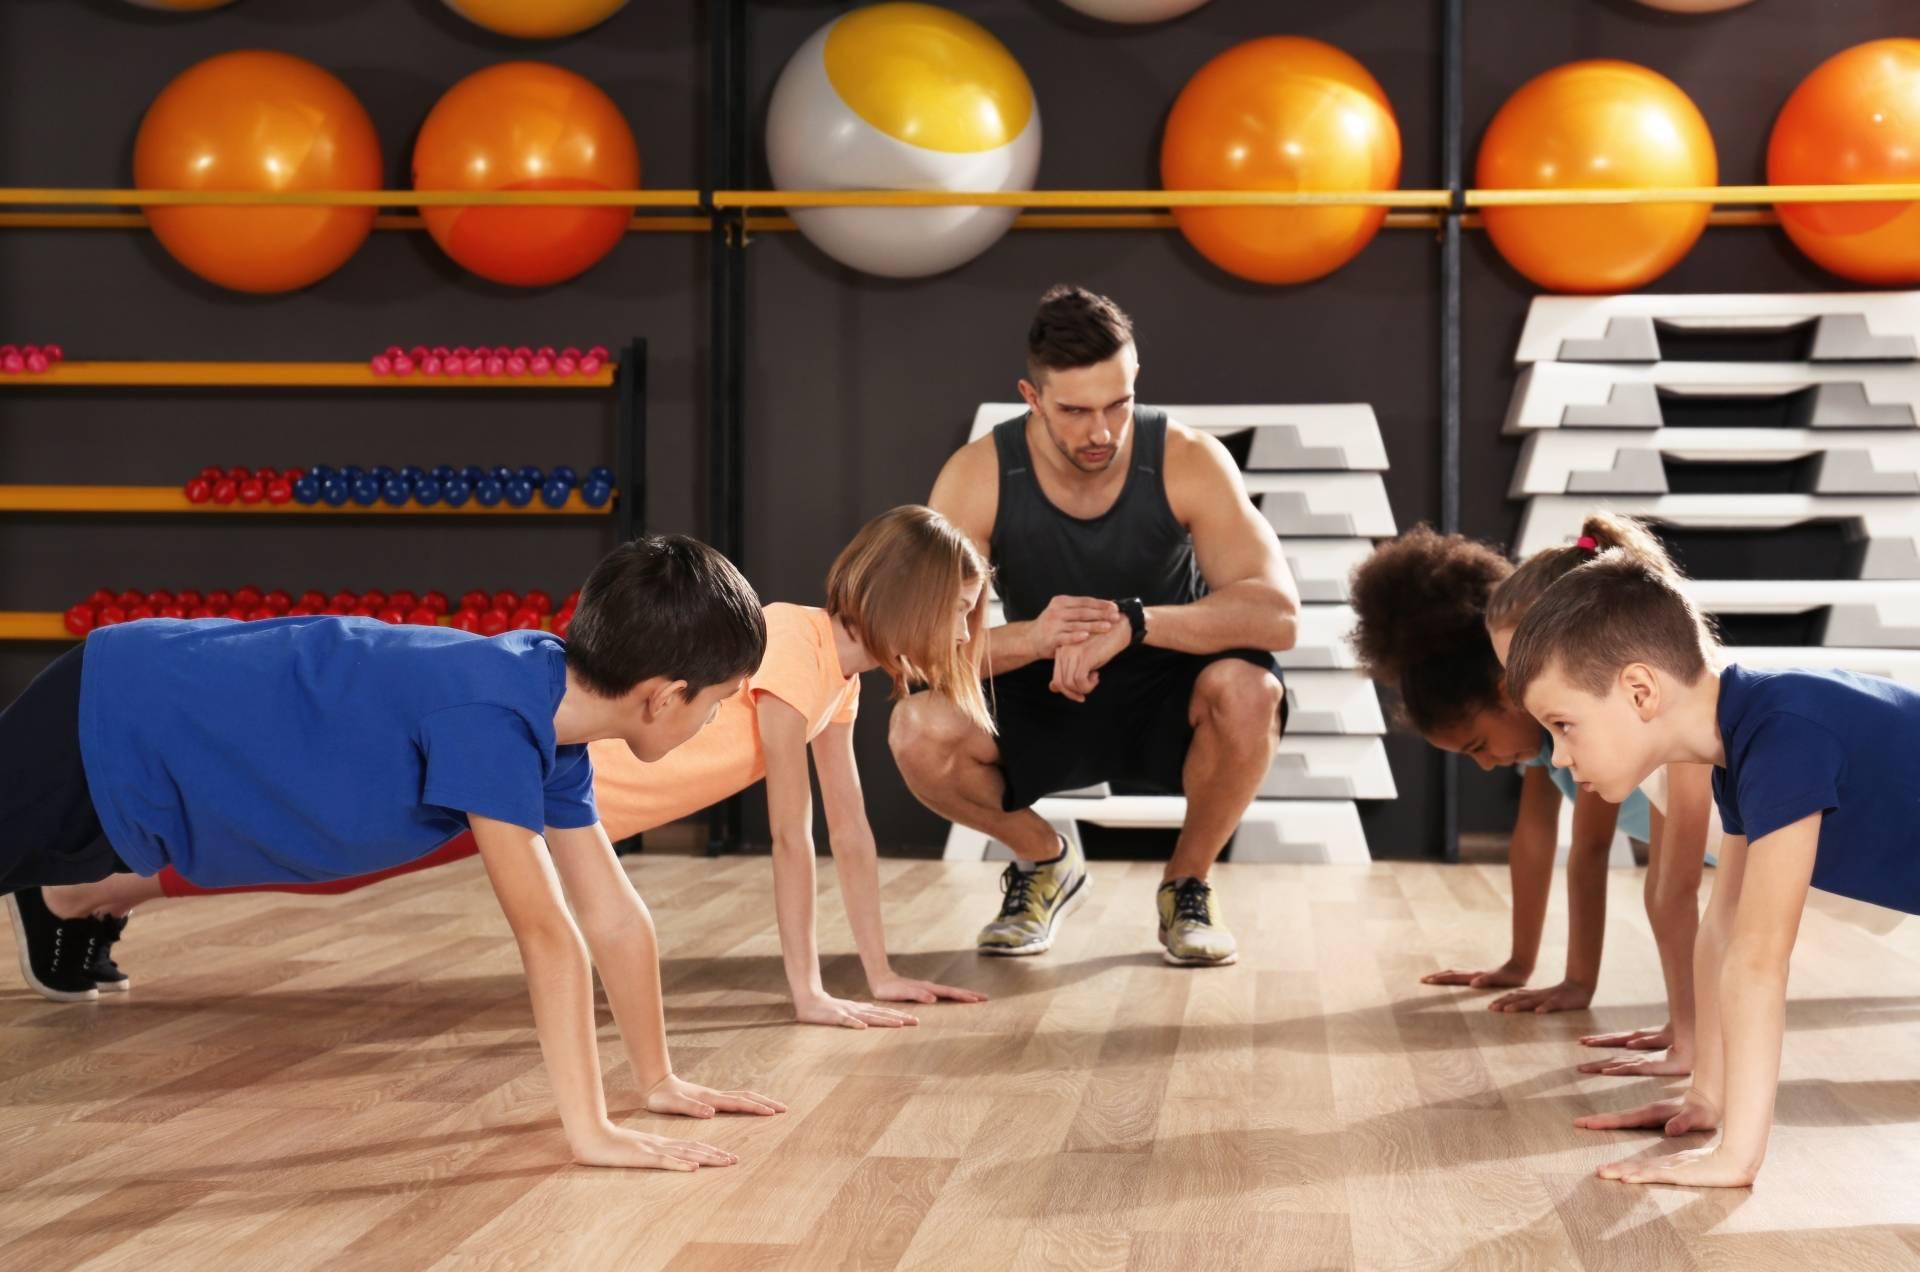 Trening siłowy dla dzieci z trenerem na zajęciach.